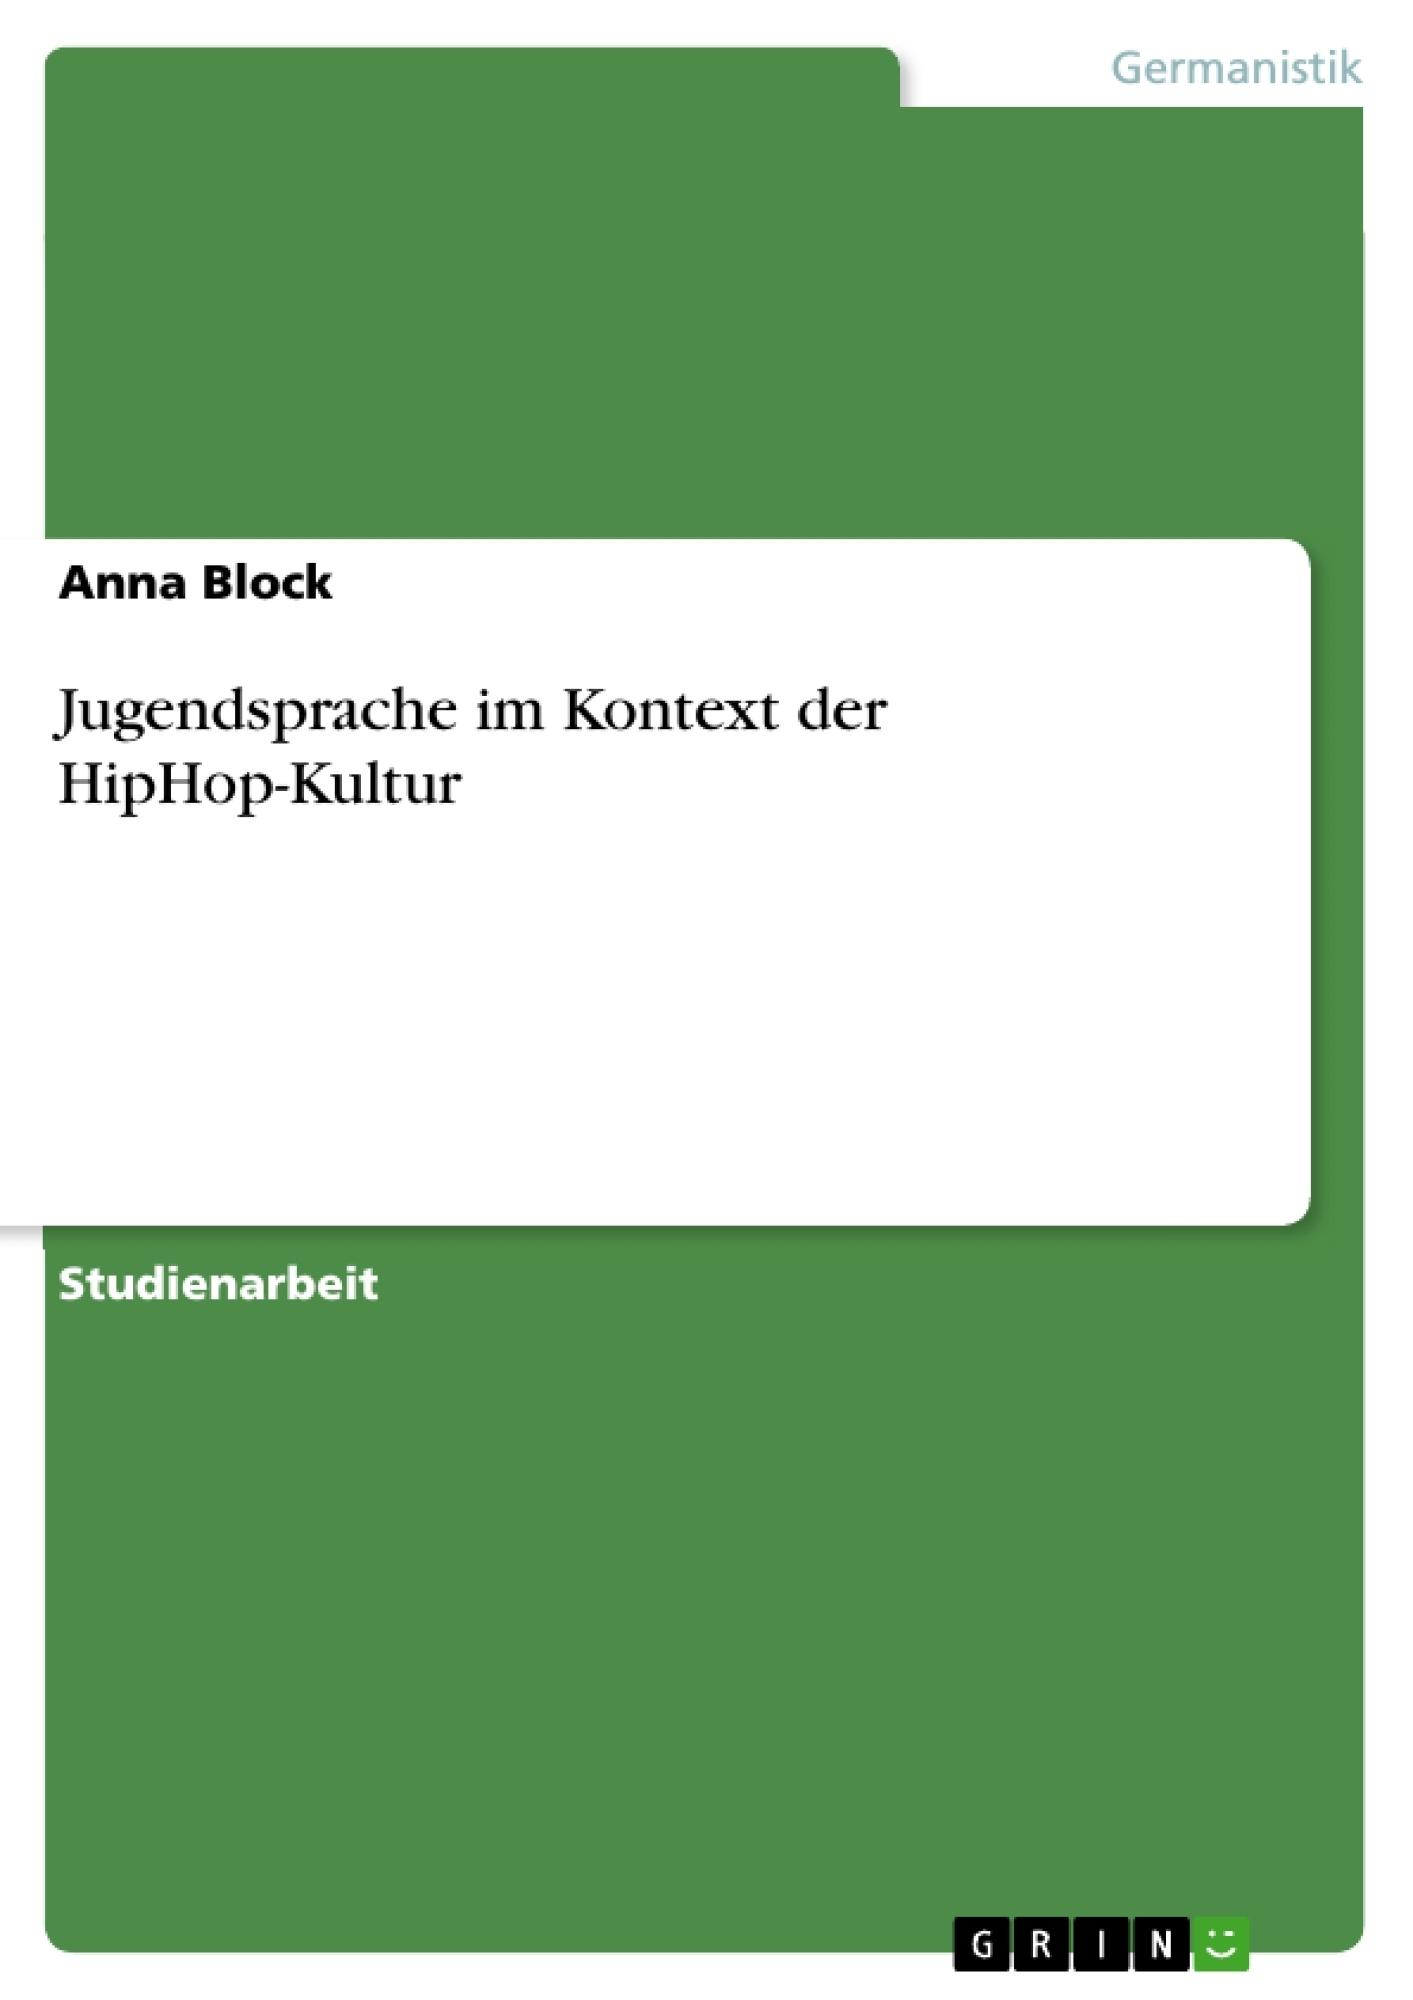 Titel: Jugendsprache im Kontext der HipHop-Kultur